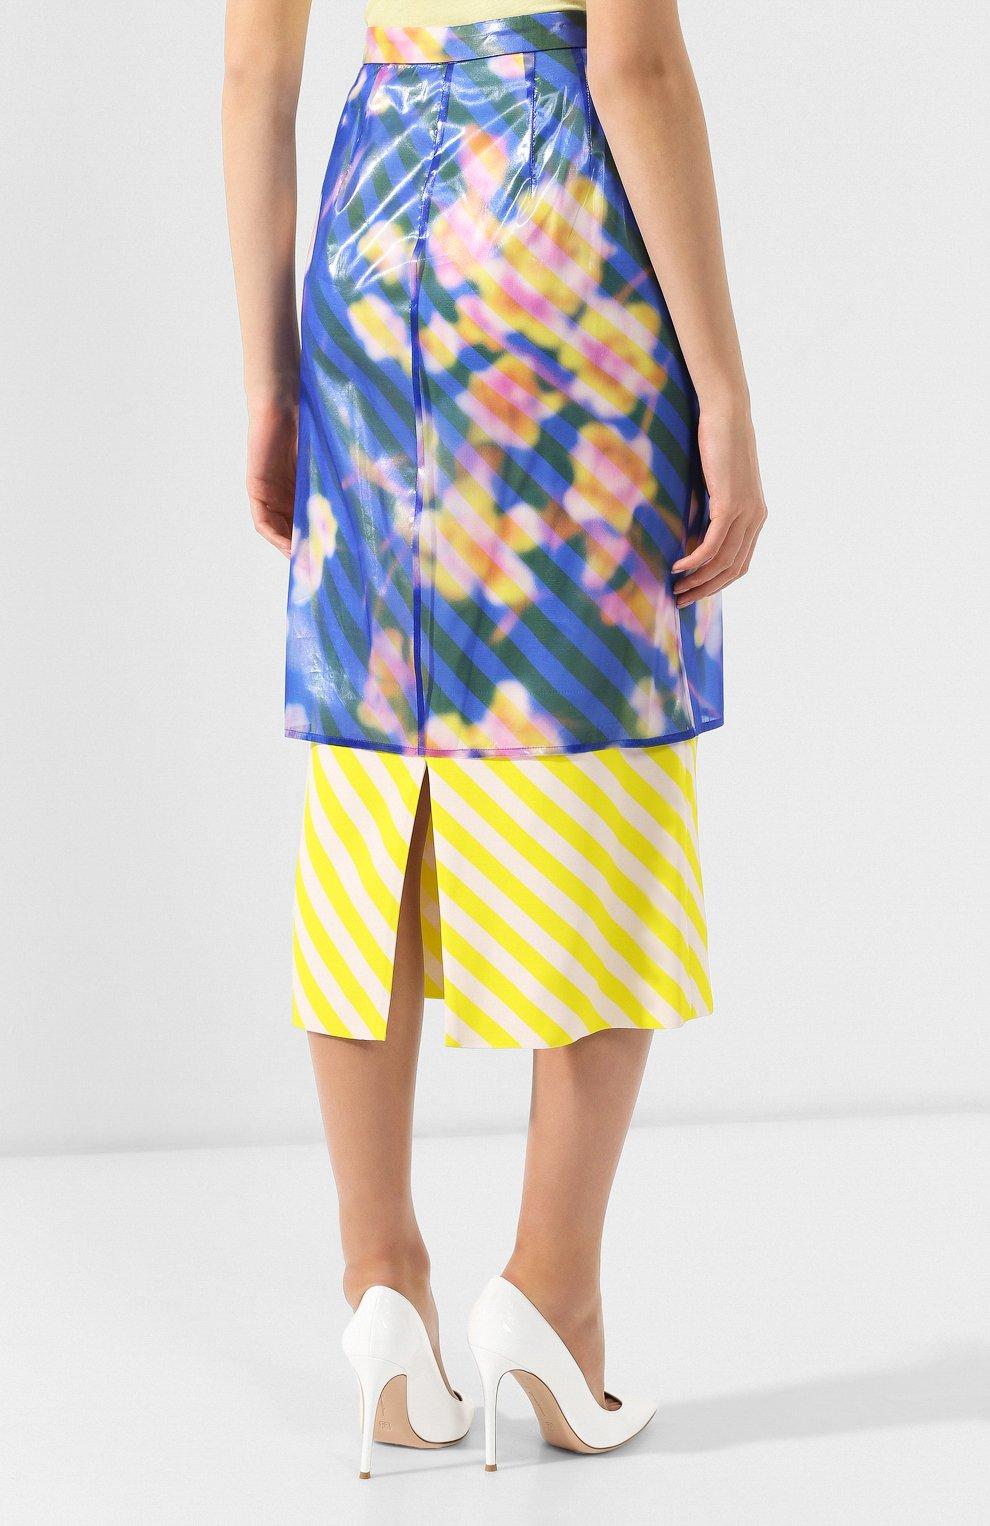 Женская юбка-миди DRIES VAN NOTEN синего цвета, арт. 191-10855-7102 | Фото 4 (Материал внешний: Шелк, Синтетический материал; Длина Ж (юбки, платья, шорты): Миди; Статус проверки: Проверено)